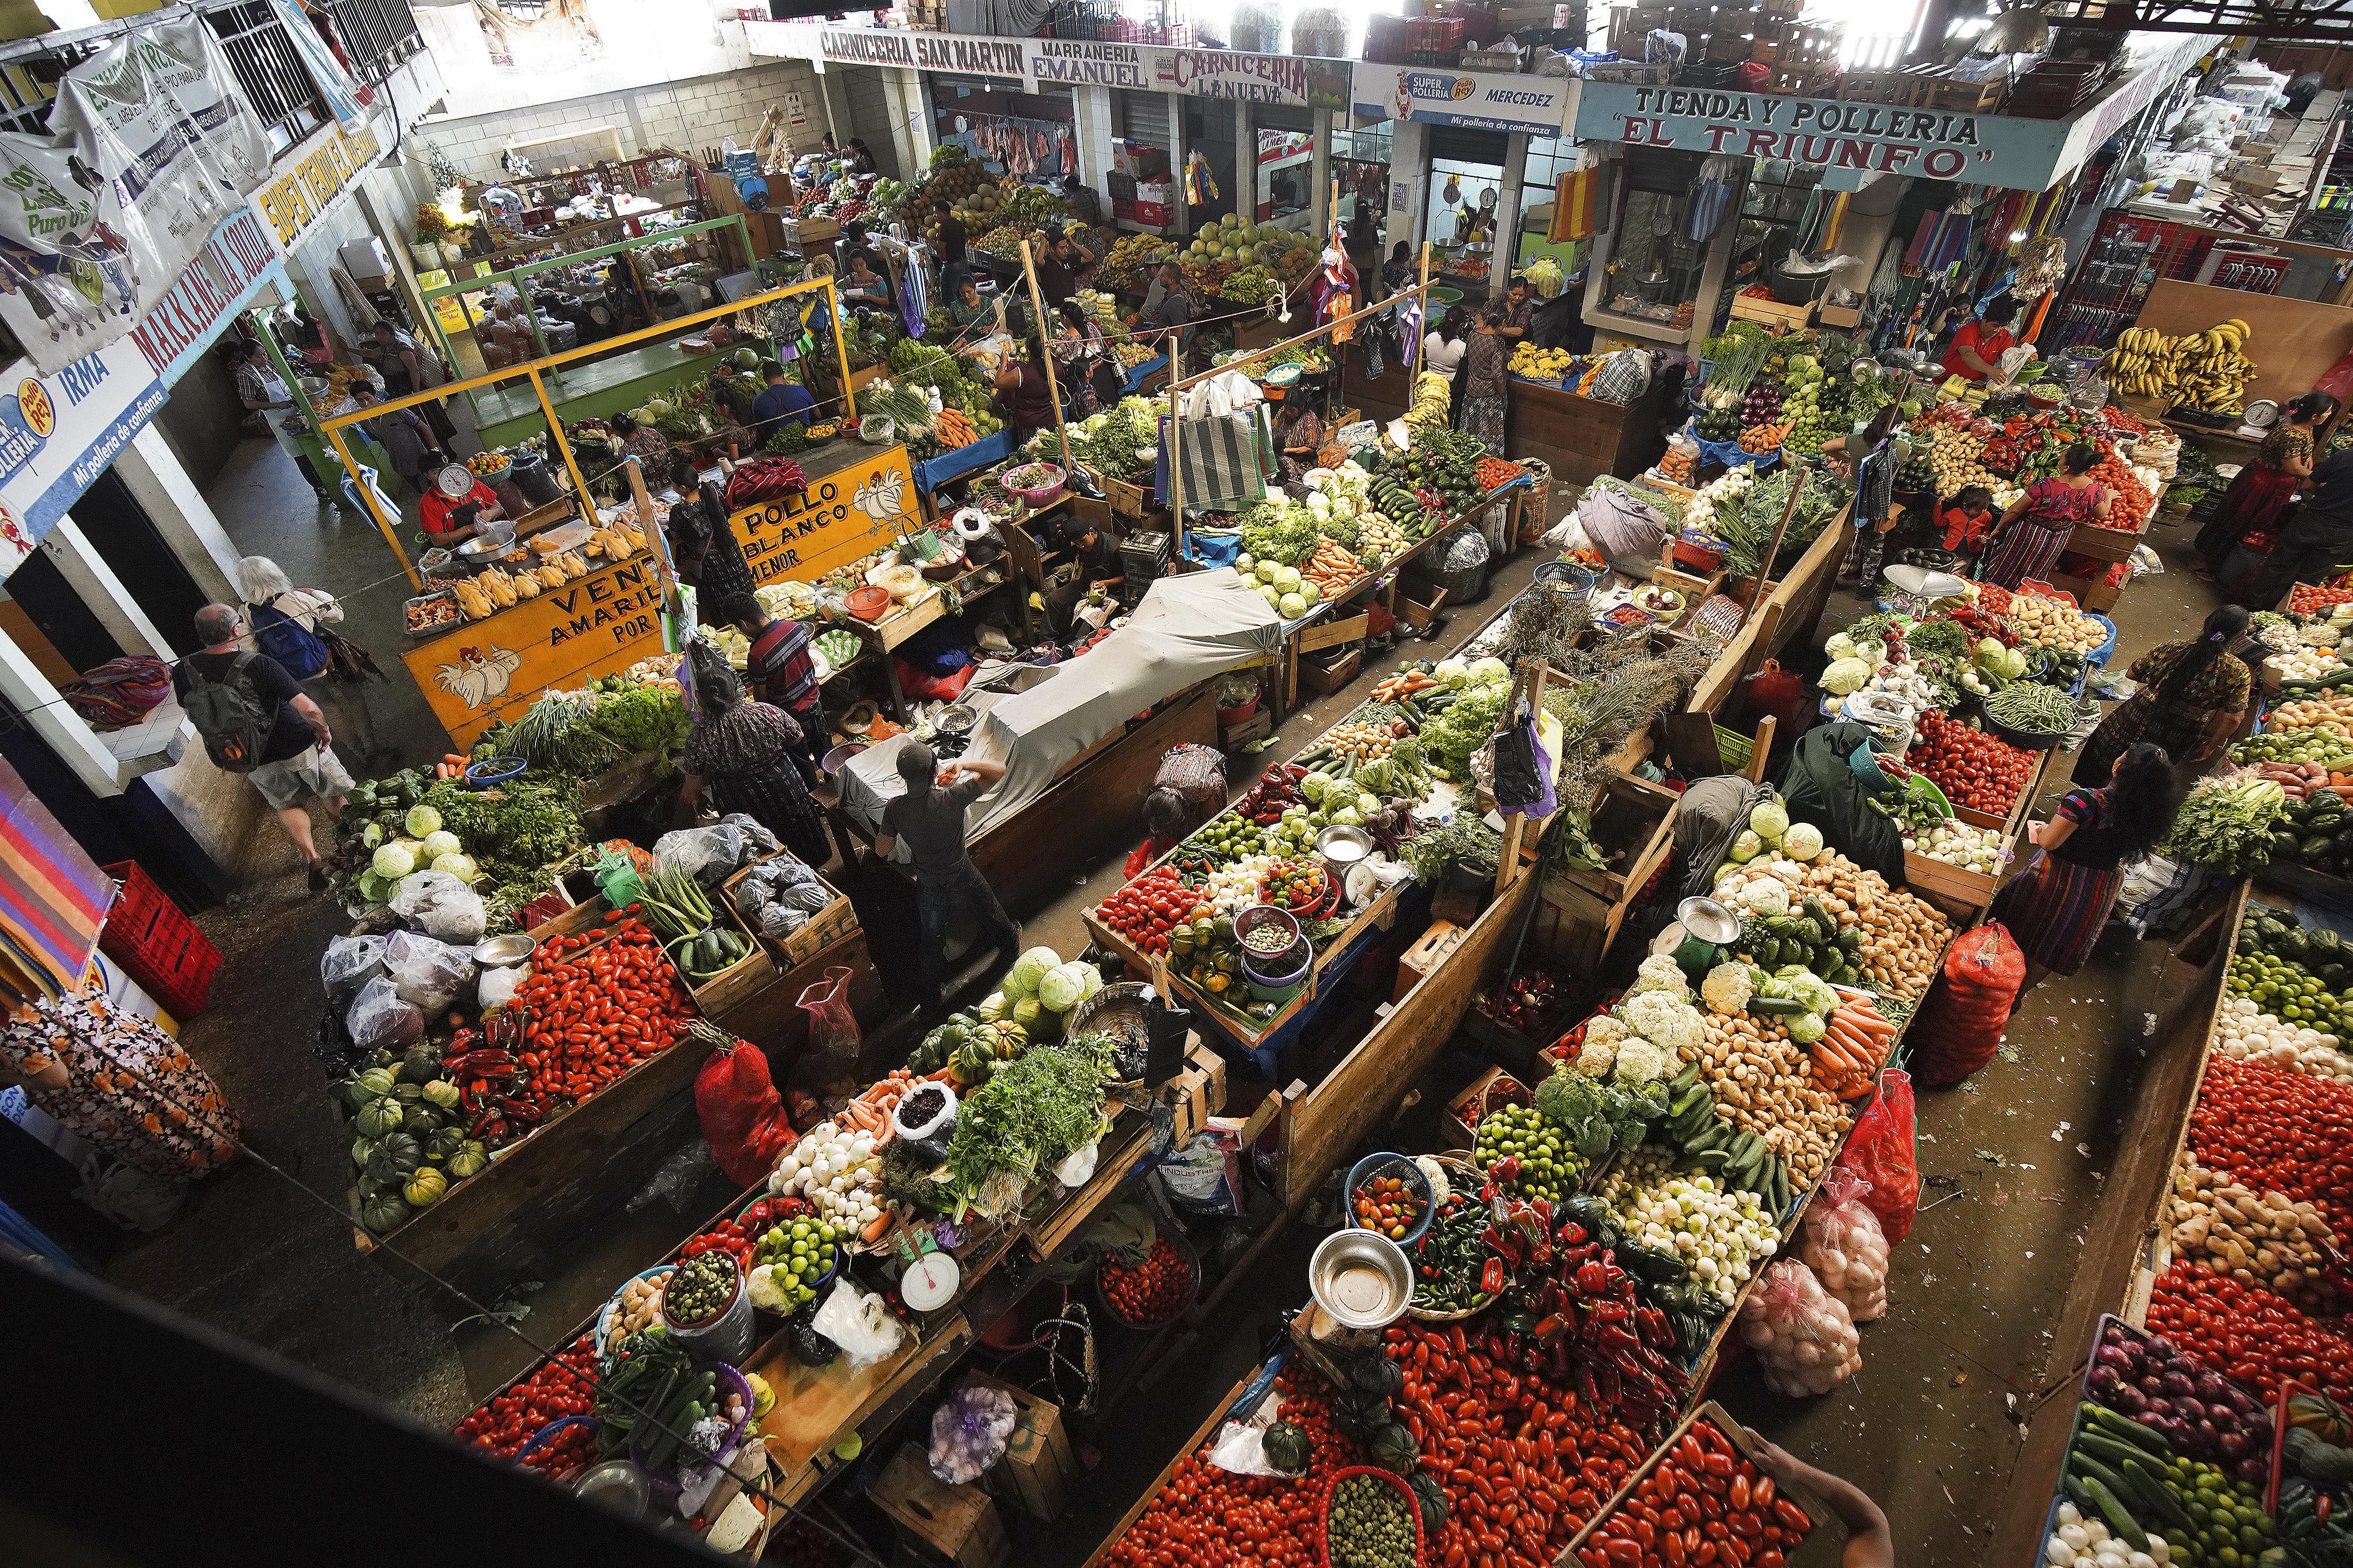 Mercado em Panajachel, Guatemala, na terça-feira, 20 de agosto de 2019. O presidente Russell M. Nelson de A Igreja de Jesus Cristo dos Santos dos Últimos Dias falou em um devocional na Cidade da Guatemala no sábado, 24 de agosto.